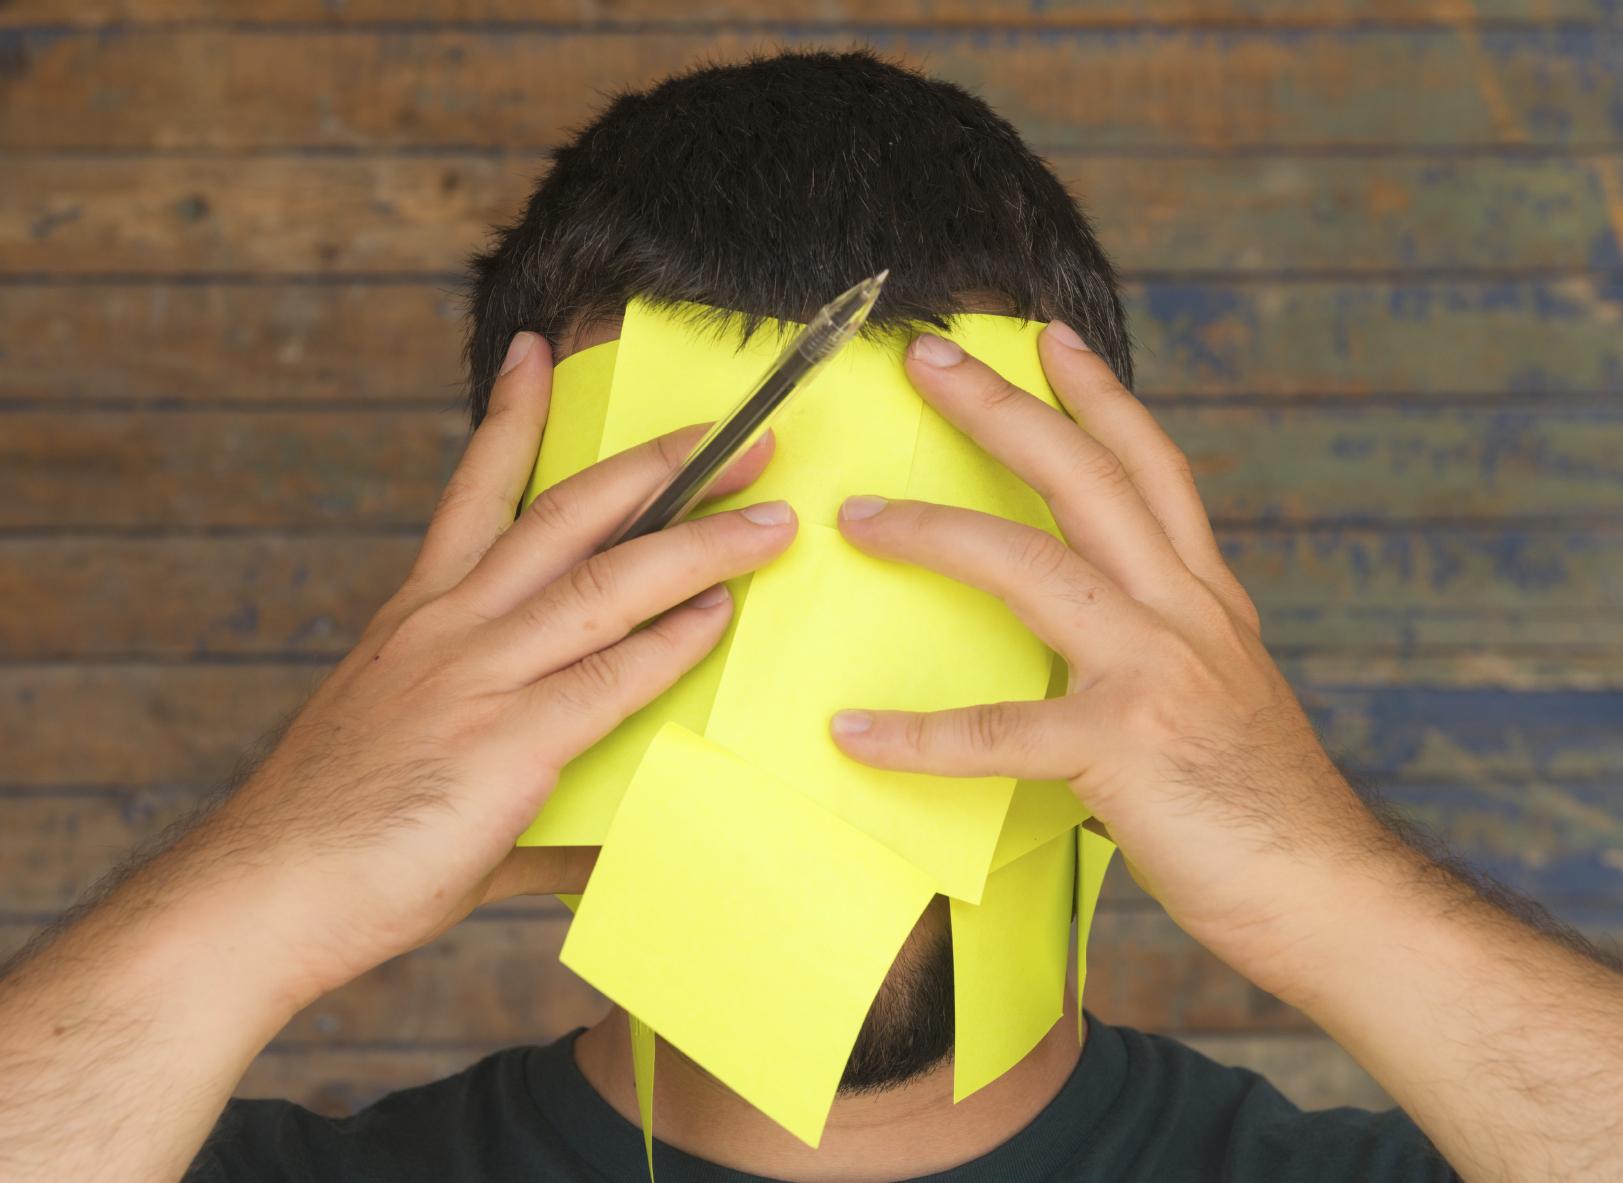 Man Overwhelmed